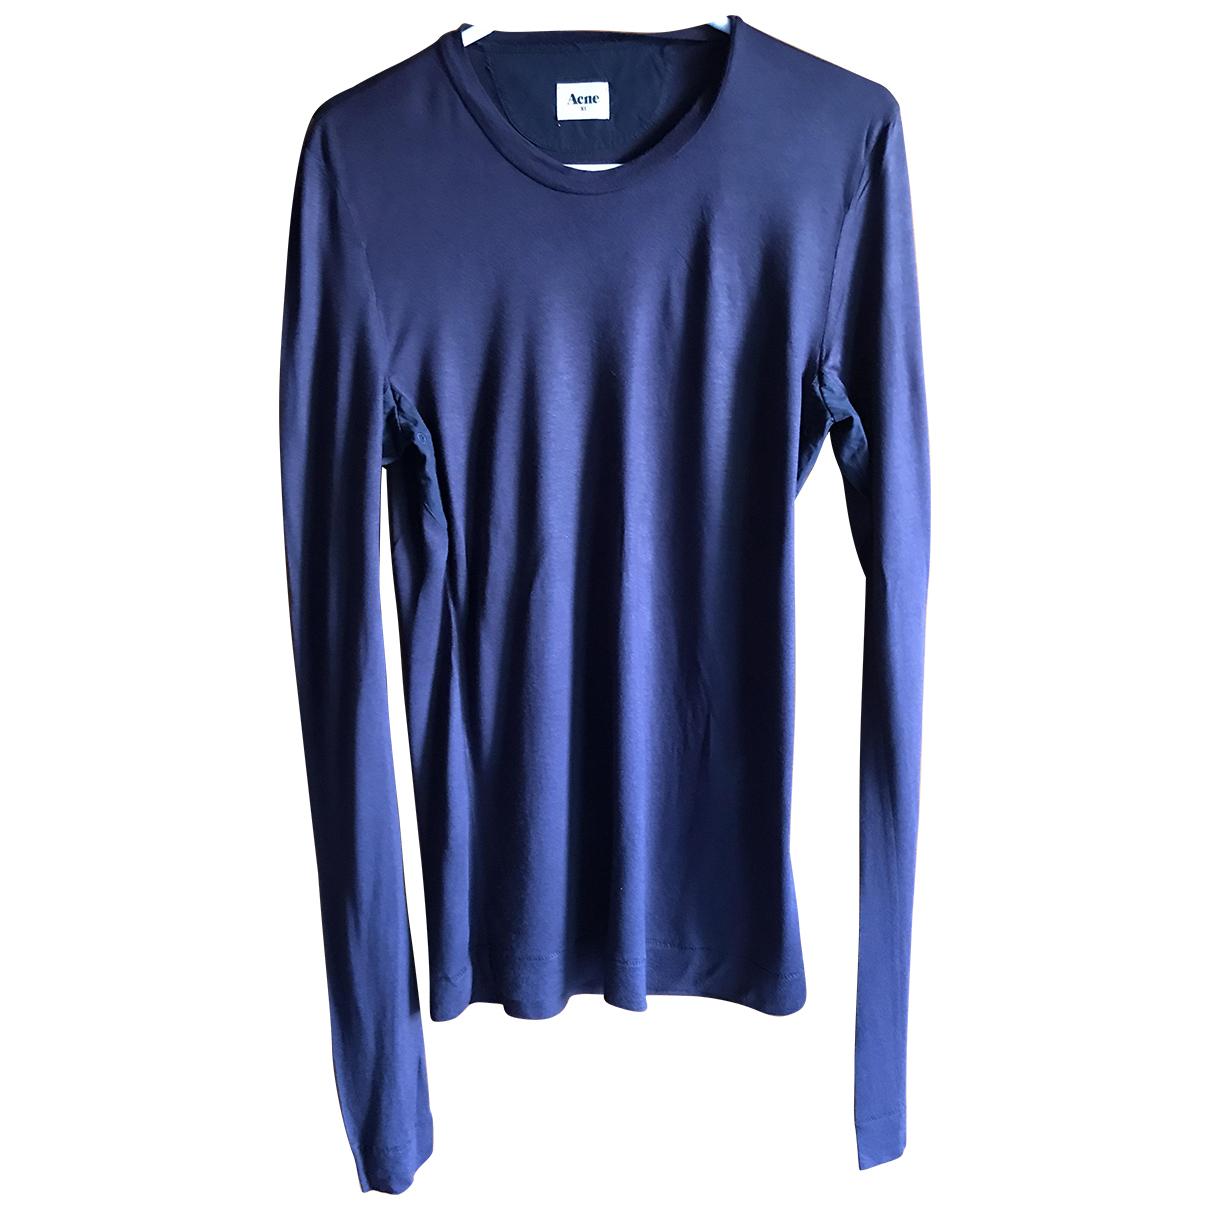 Acne Studios - Tee shirts   pour homme en coton - marine